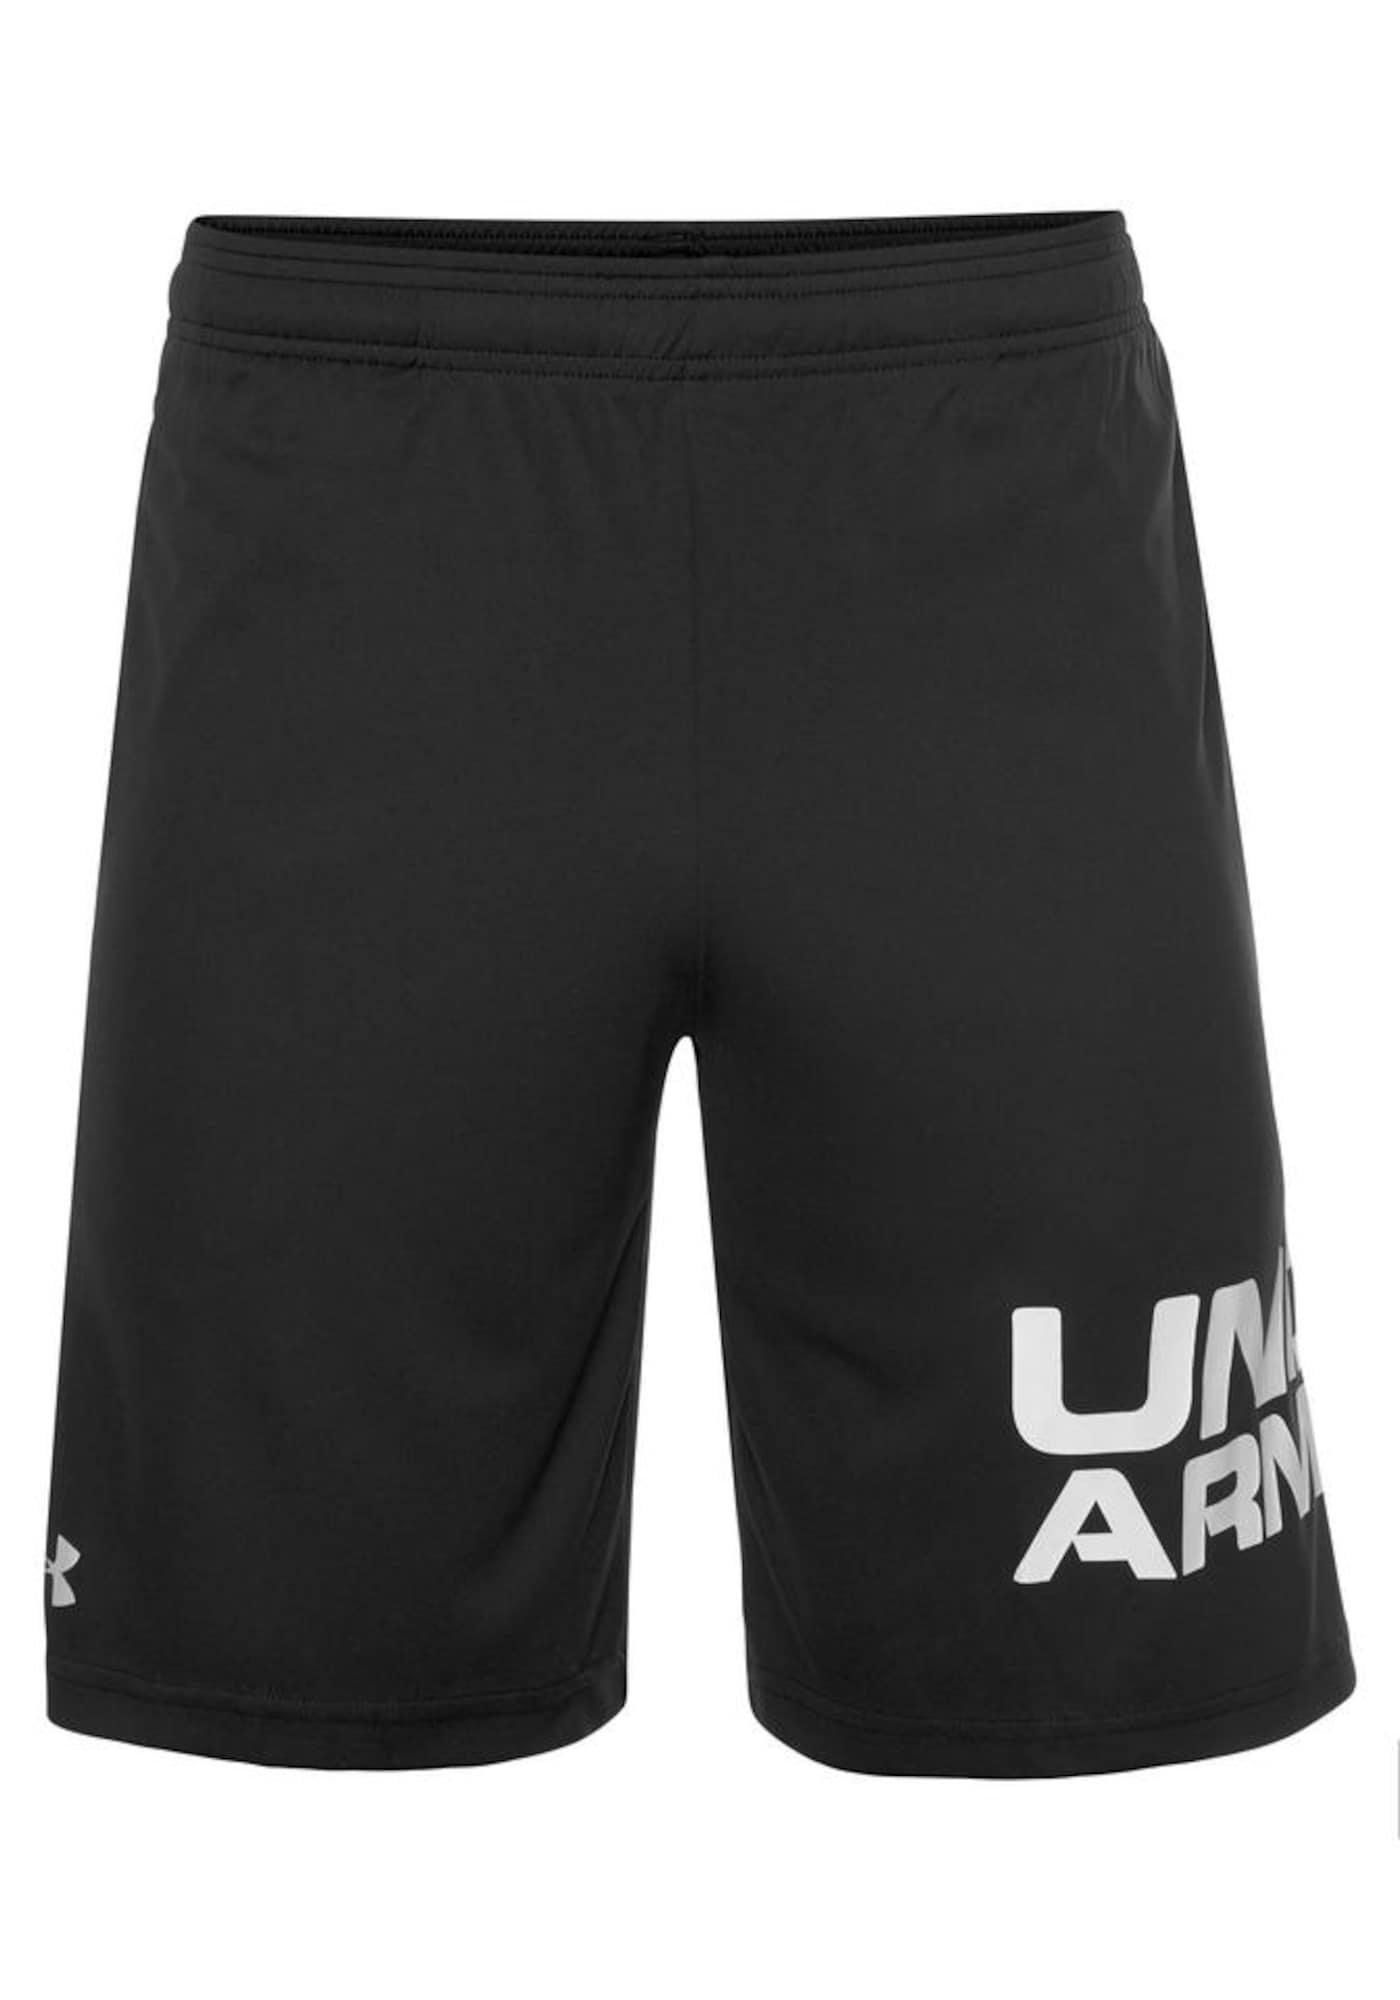 UNDER ARMOUR Sportinės kelnės juoda / balta